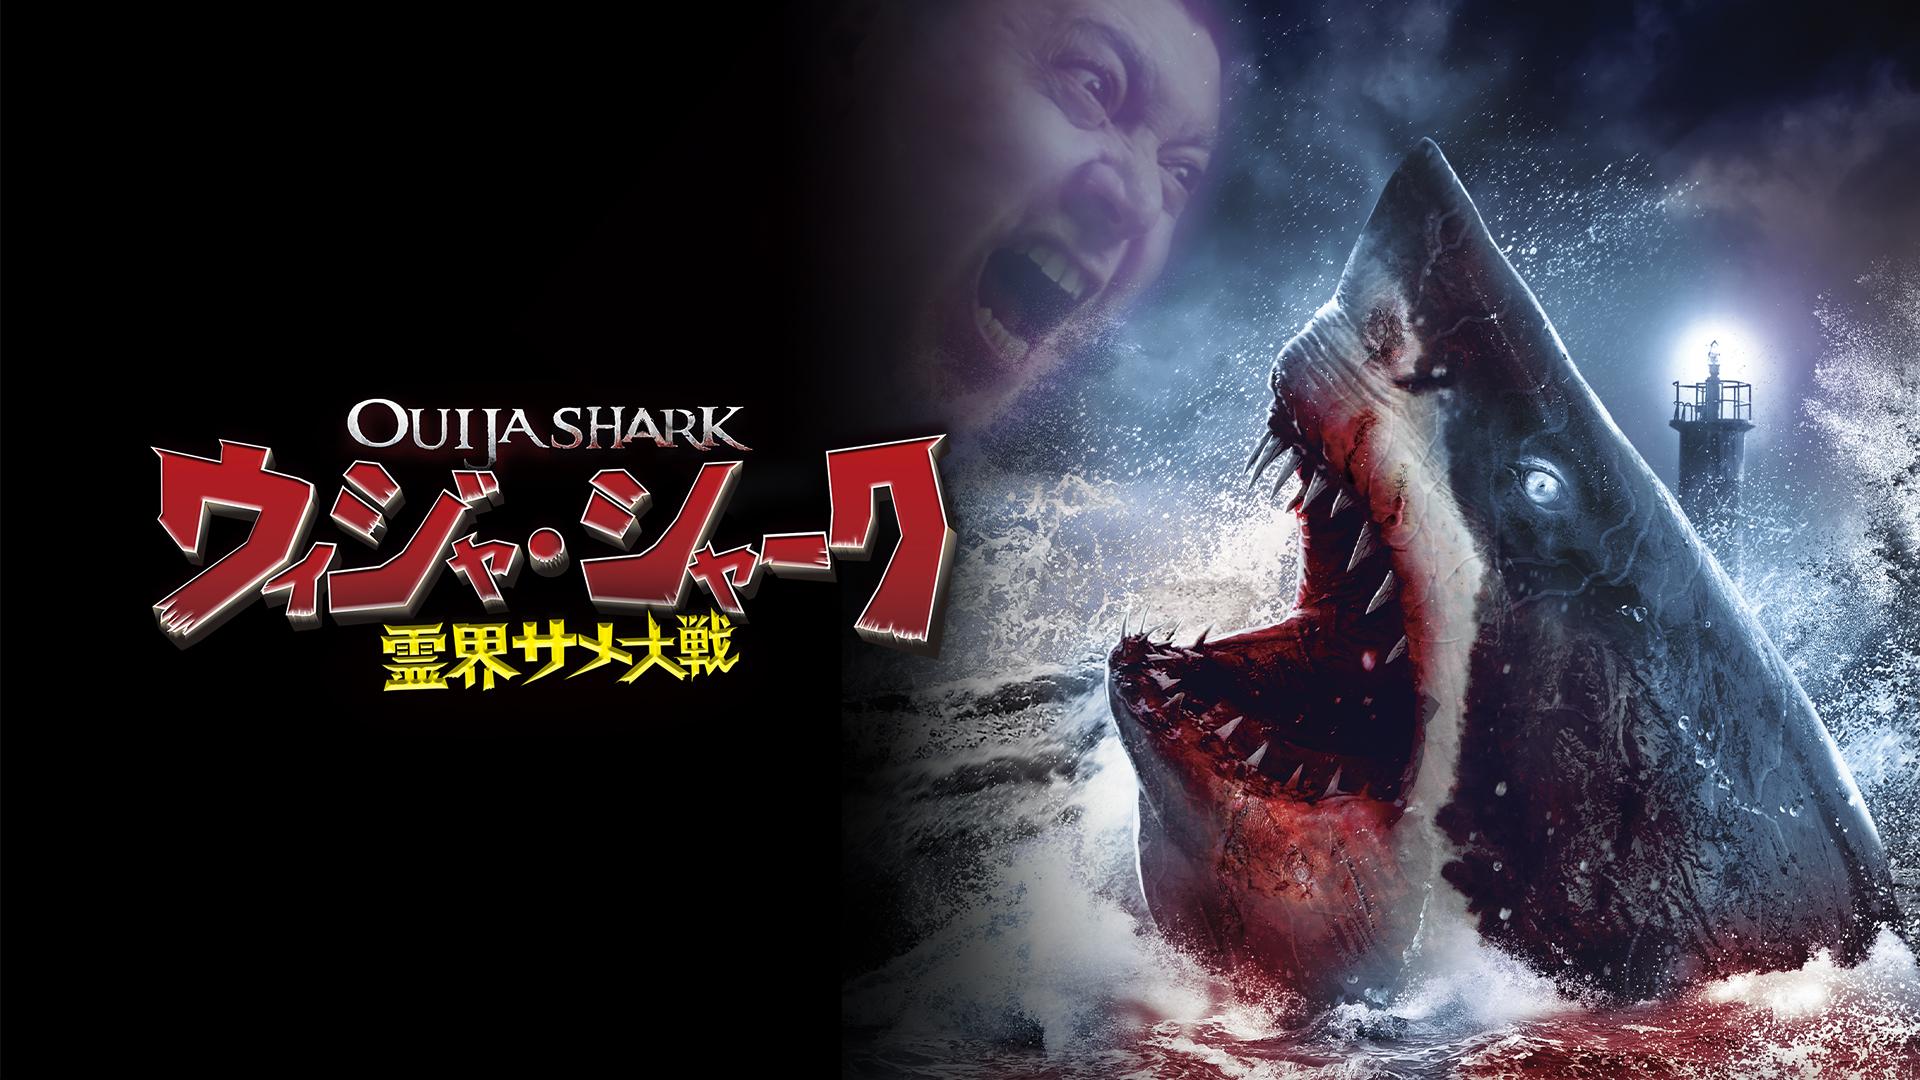 ウィジャ・シャーク /霊界サメ大戦(字幕版)